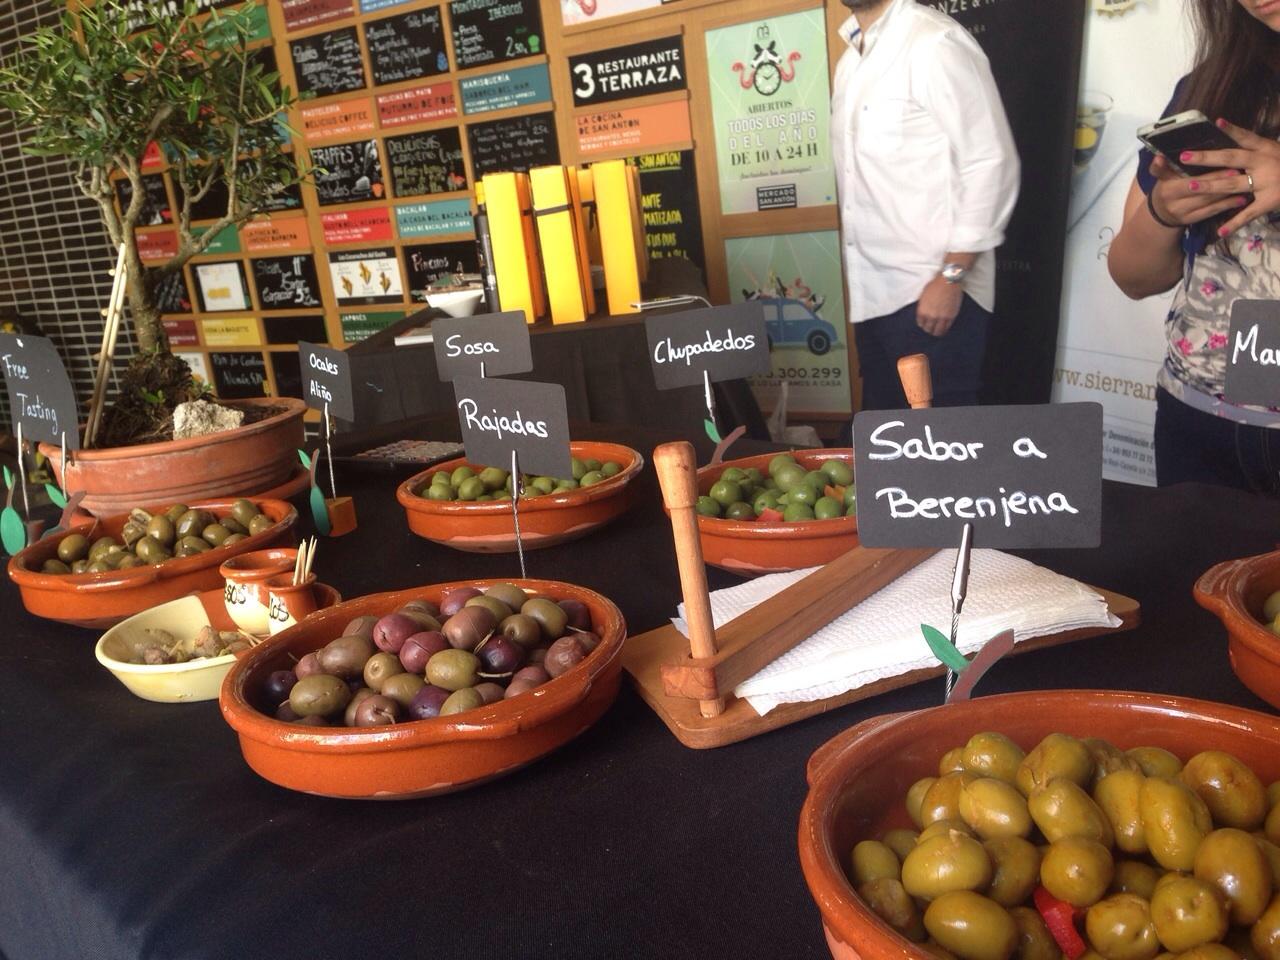 aceite-para-regalar--en-el-mercado-de-San-Anton-y-DOP-Sierra-Magina-Bronze-y-Mora-aove-para-cuidar-la-salud-exclusivos-estuches-de-regalo-con-virgen-extra-delicatessen-españa